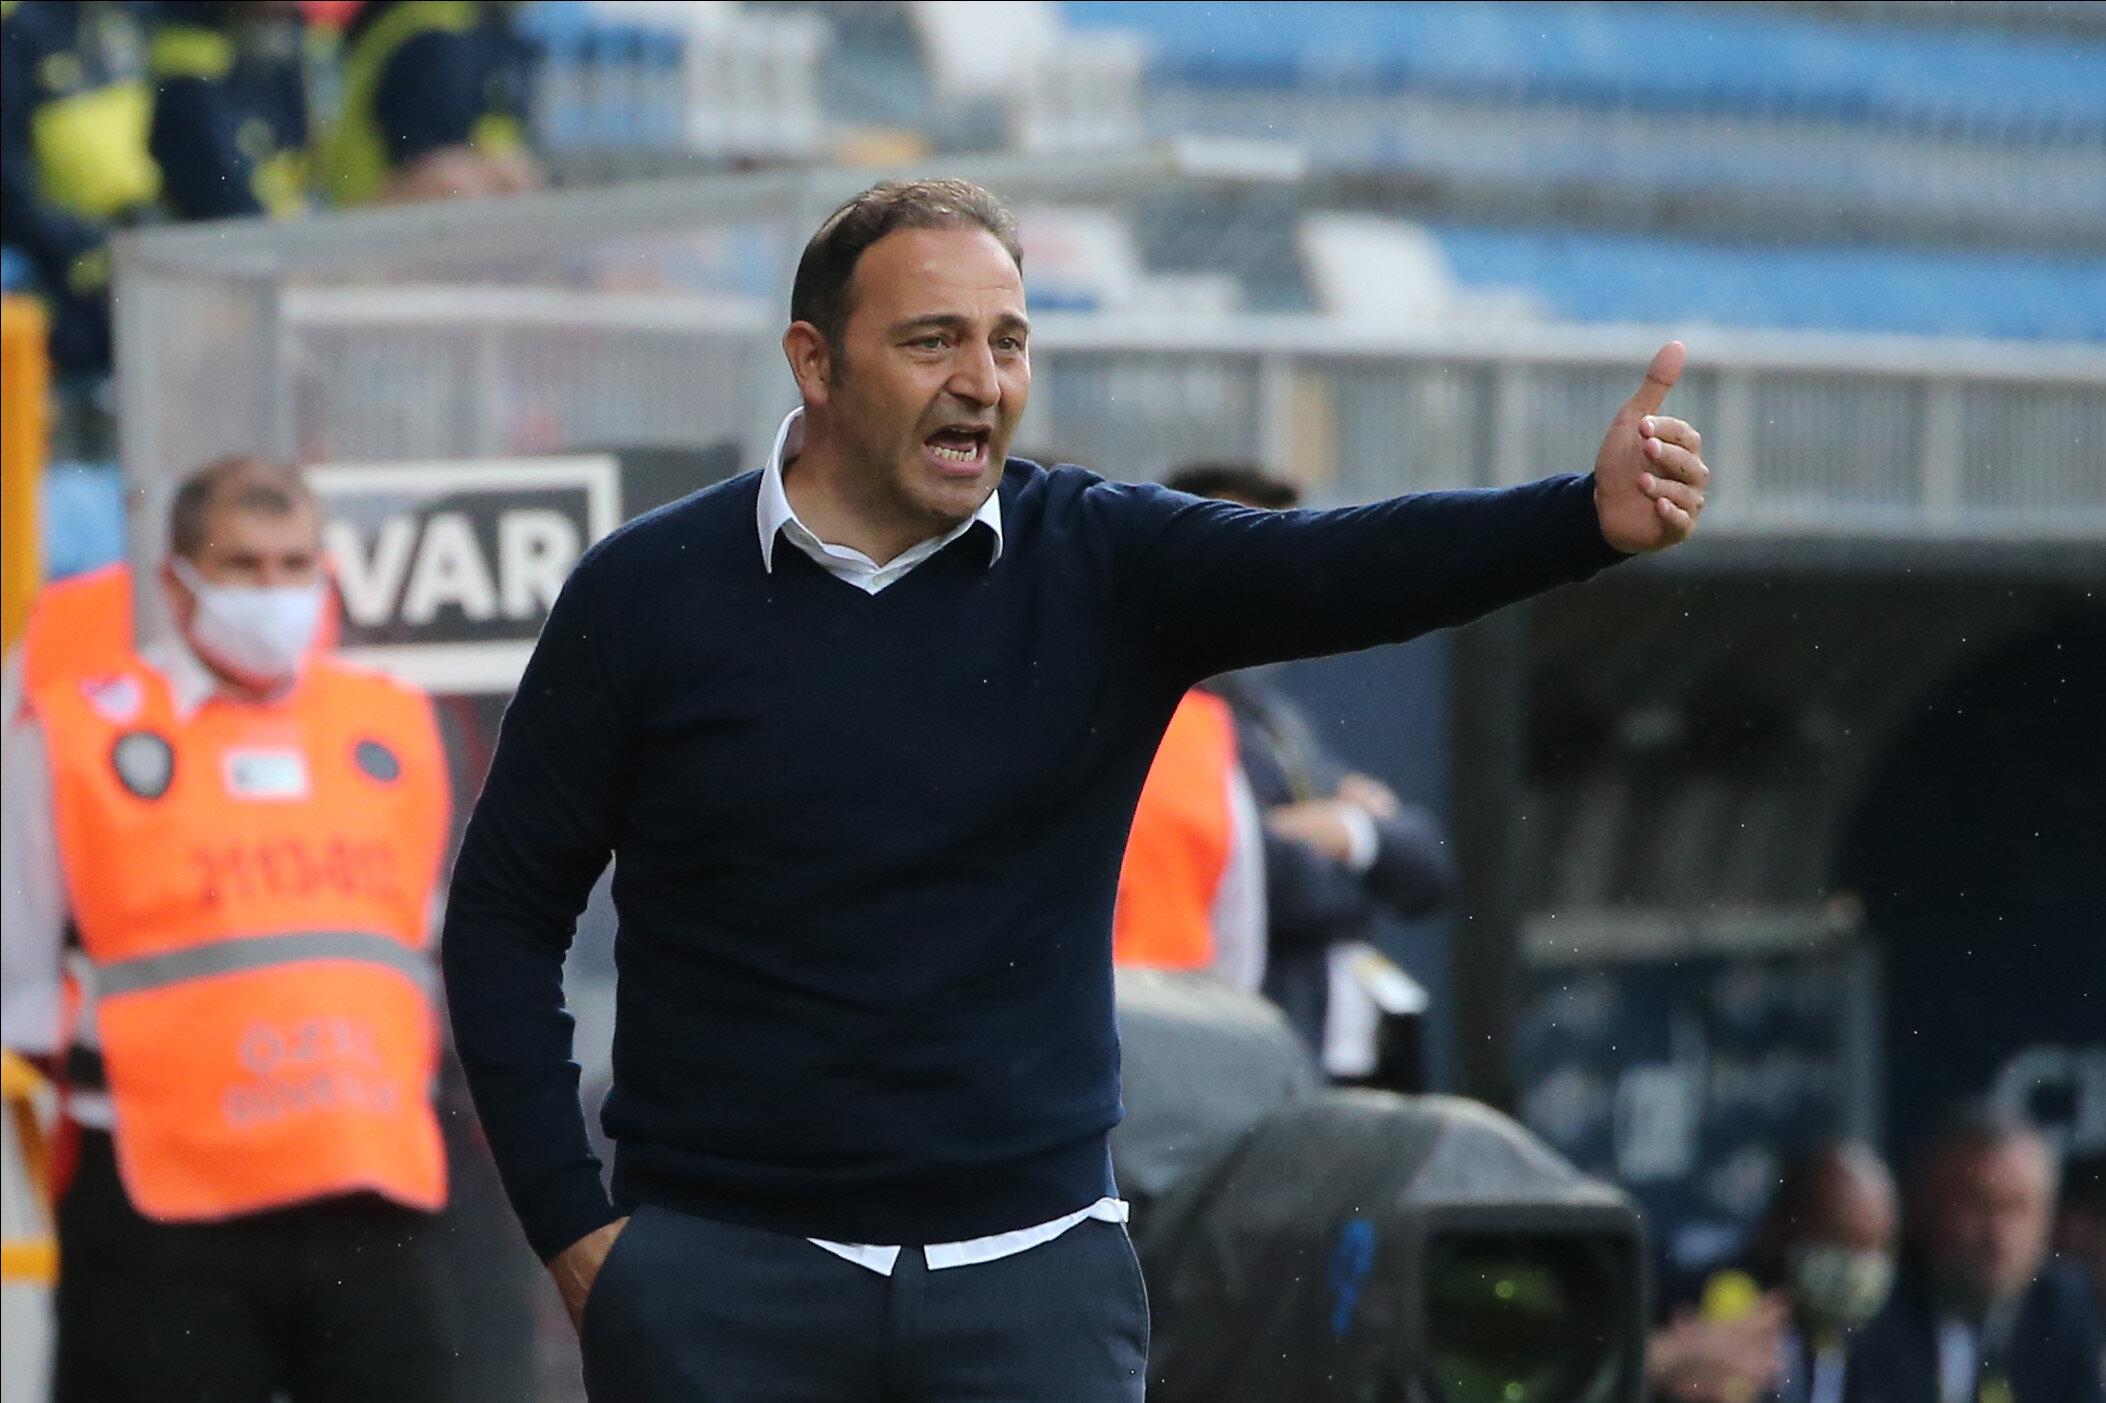 Çapa yönetimindeki Kasımpaşa, Süper Lig'i 10. sırada tamamlamıştı.